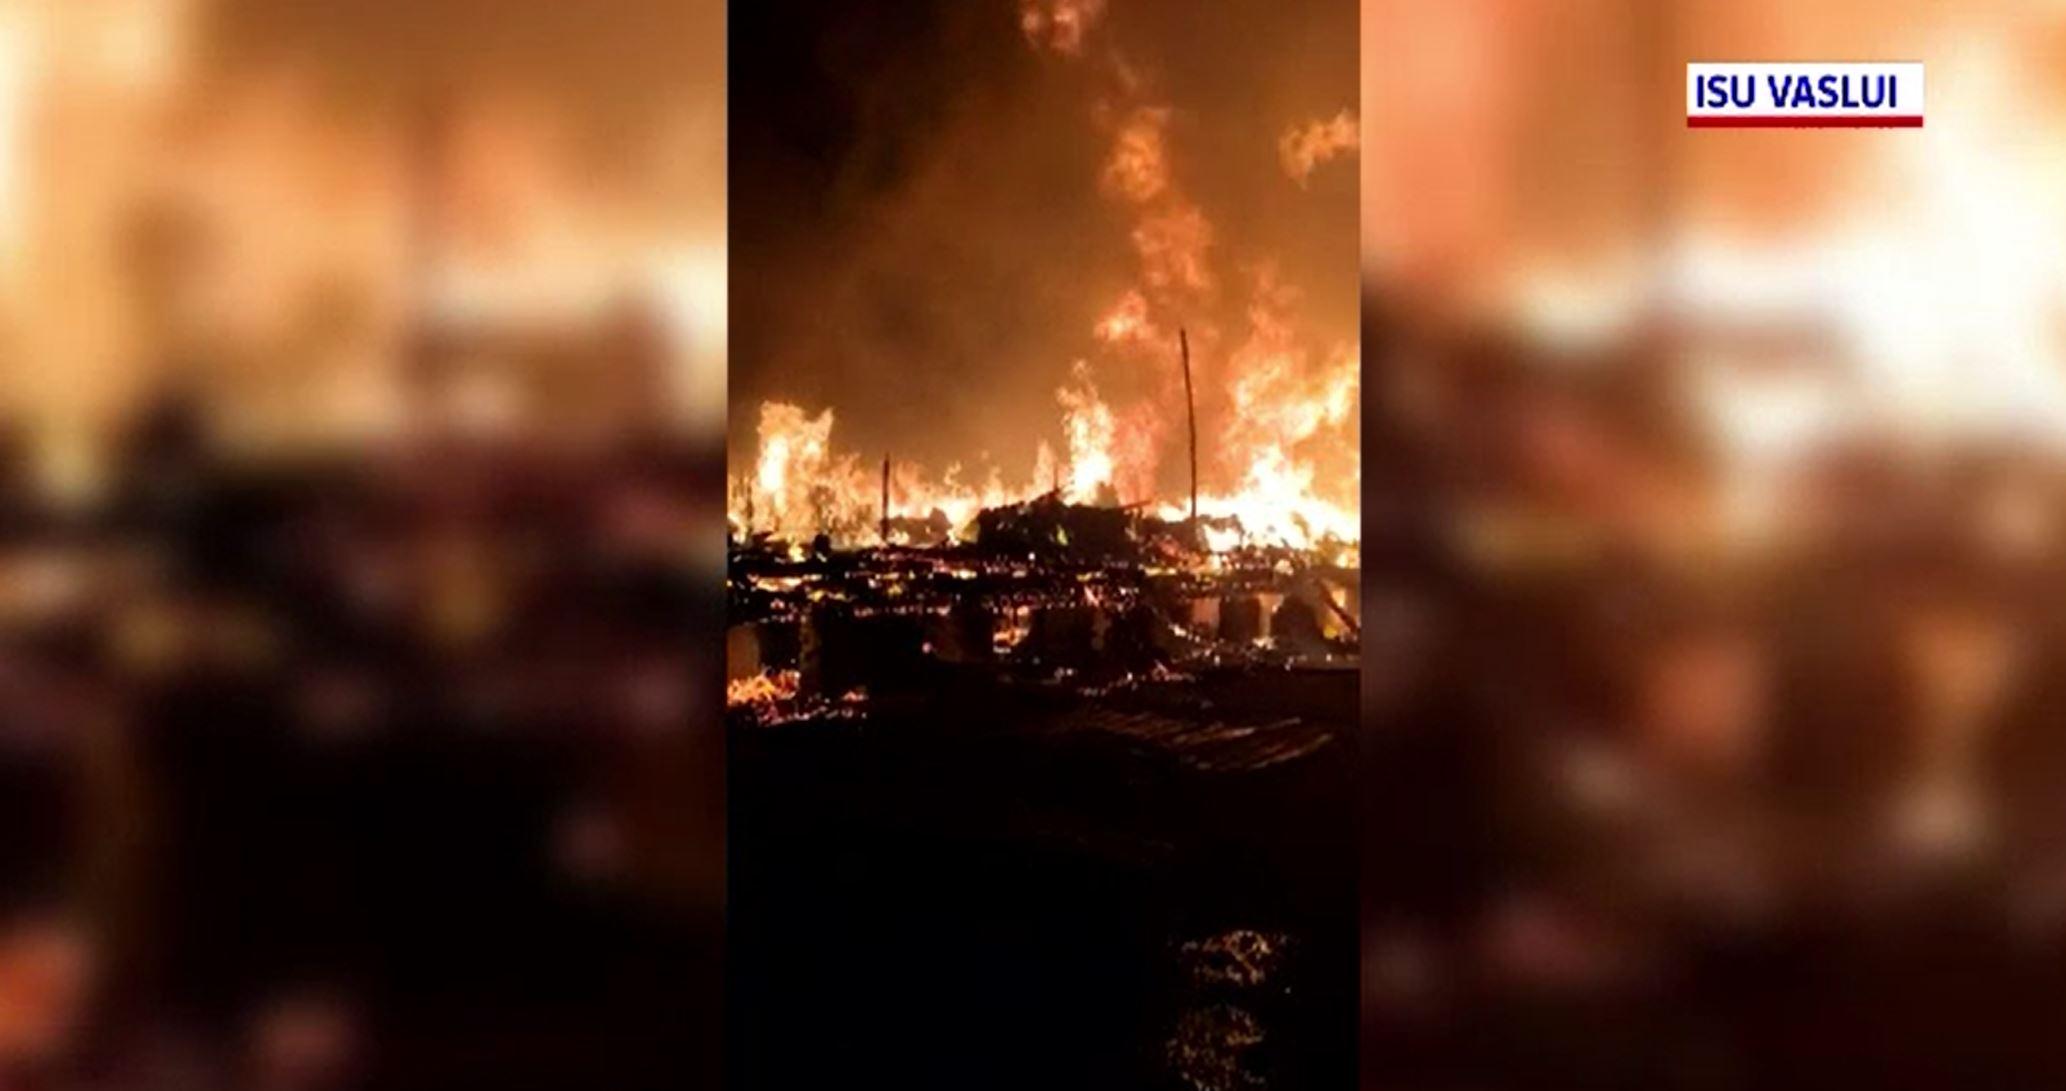 Incendiu devastator la un depozit de mase plastice din Bârlad. A fost nevoie de intervenția a 70 de pompieri